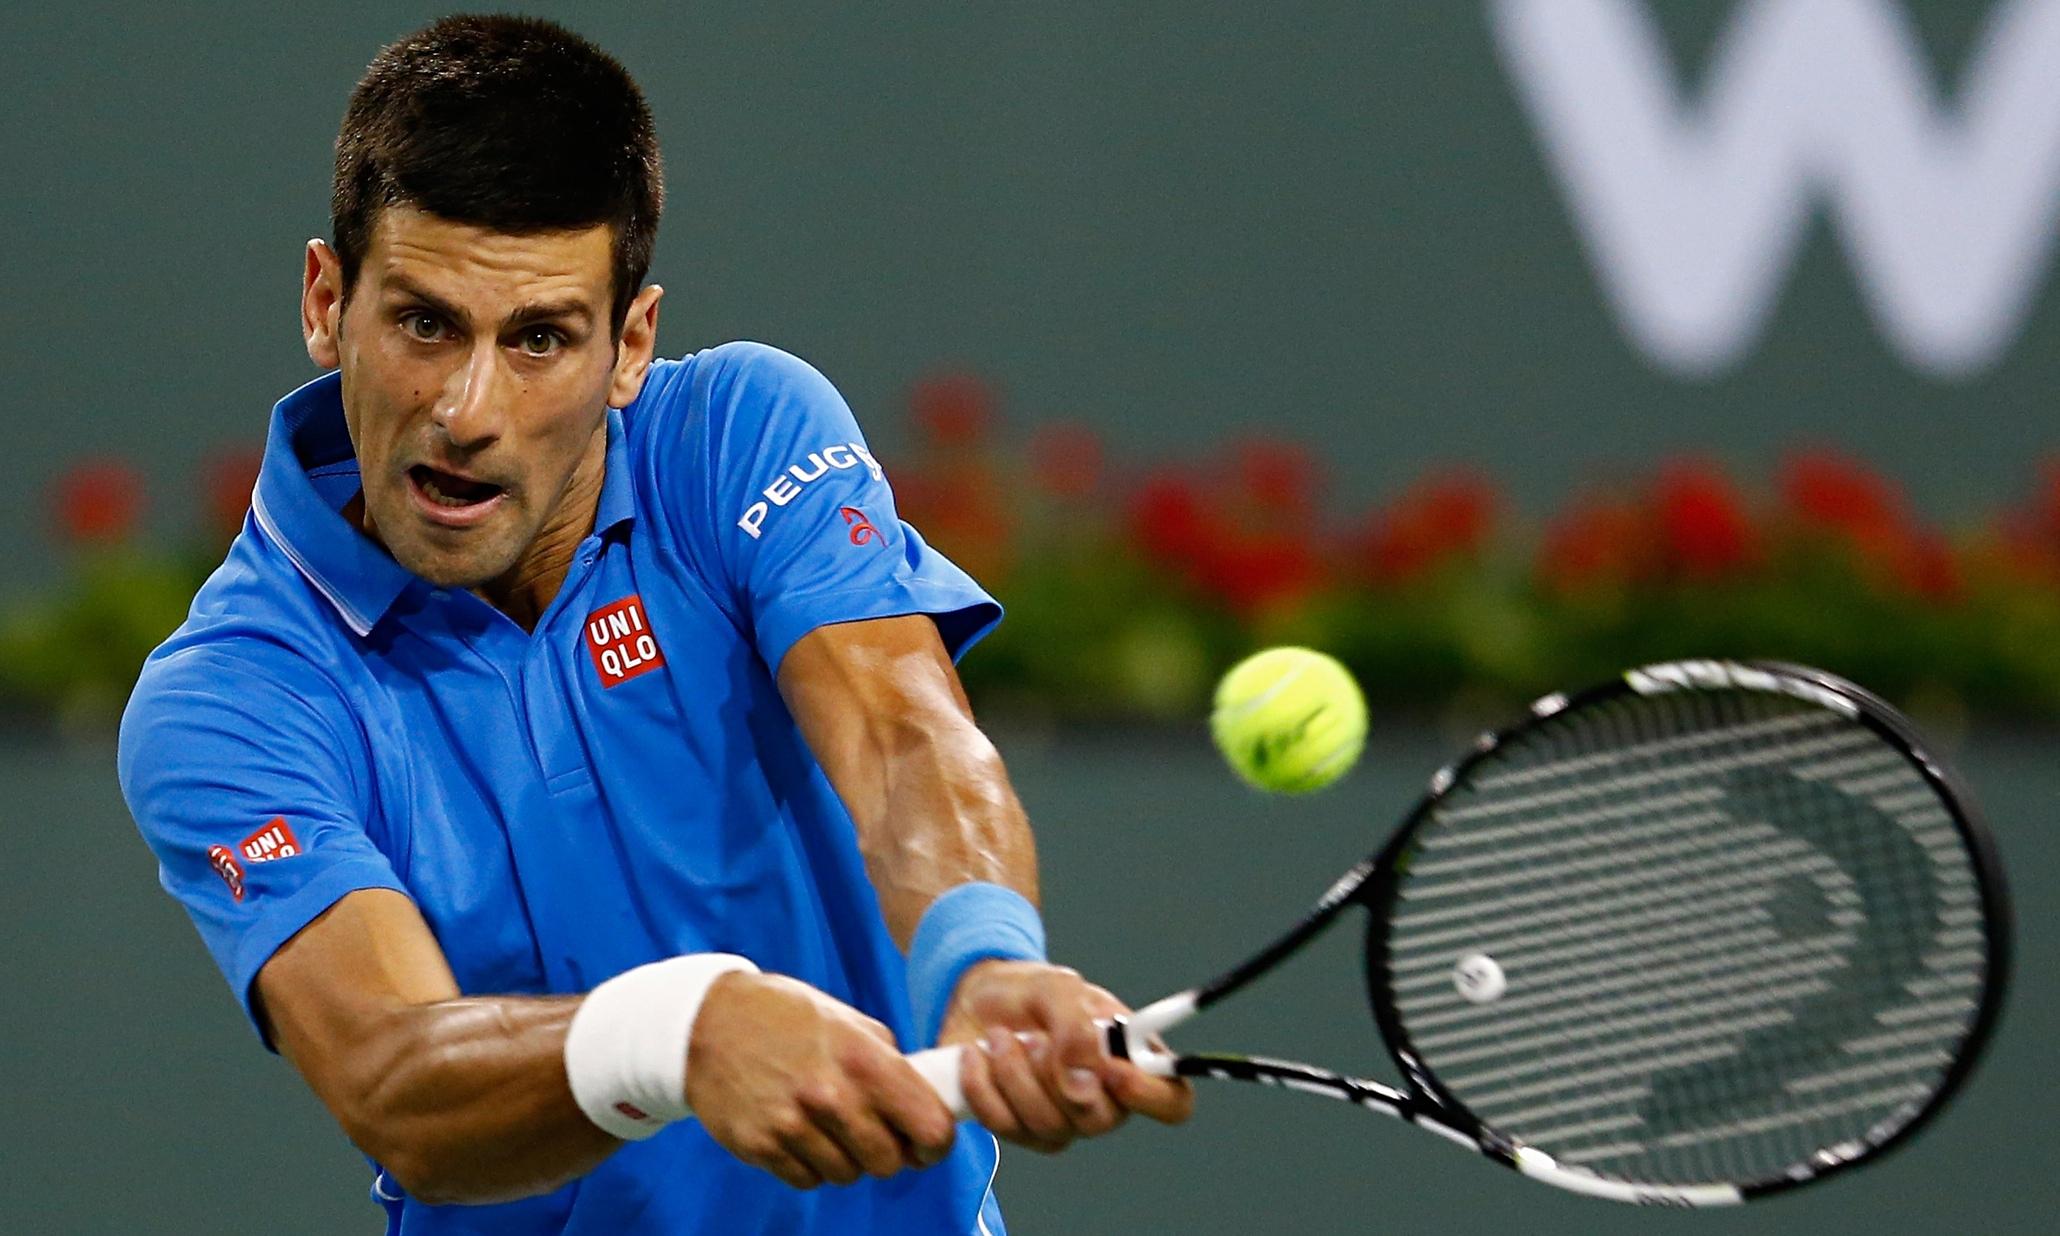 Albert Ramos Vinolas - Novak Djokovic